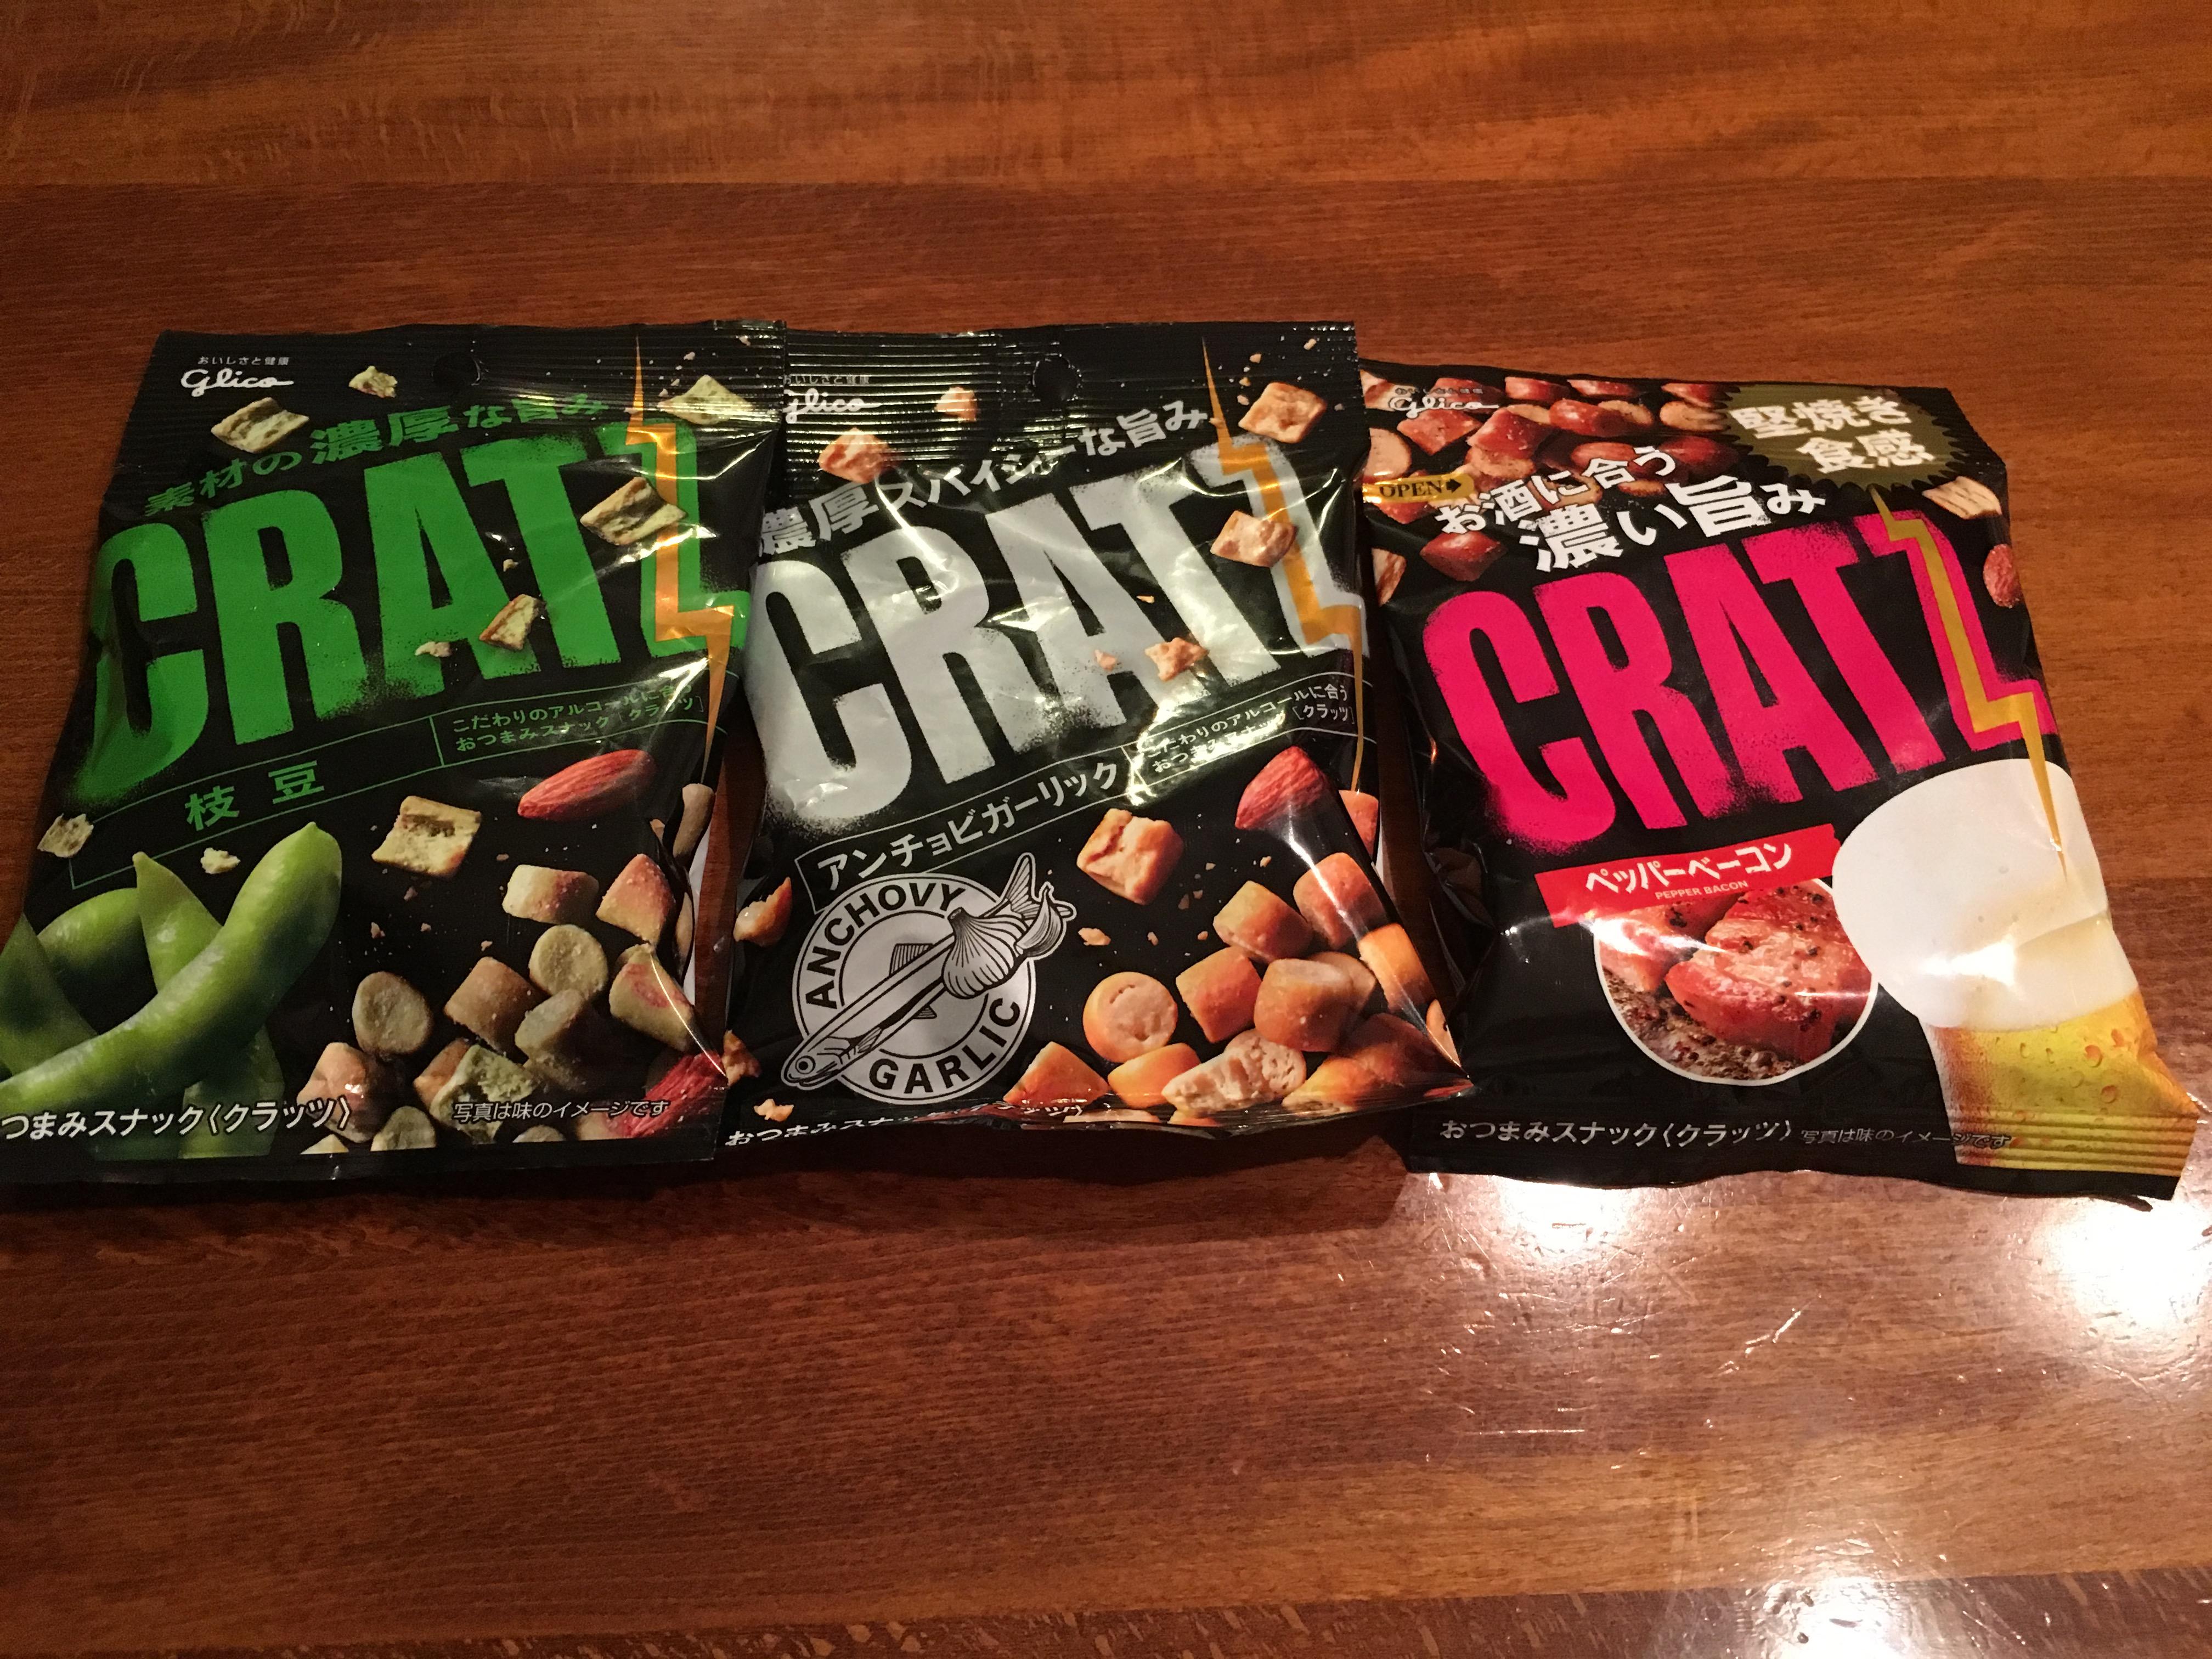 """グリコの""""お酒に最高に合う""""クラッツ3種類を食べ比べ!最強のおつまみはこれだ!"""